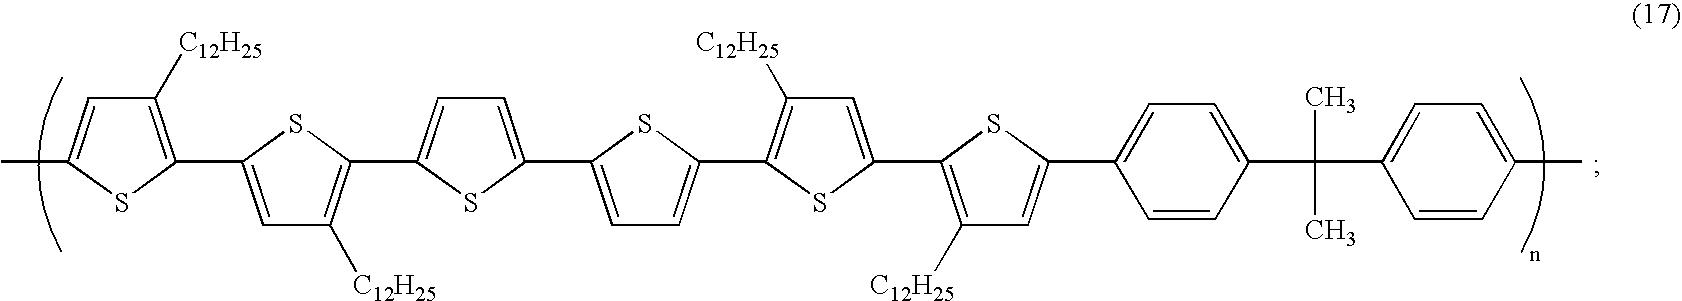 Figure US20030164495A1-20030904-C00020